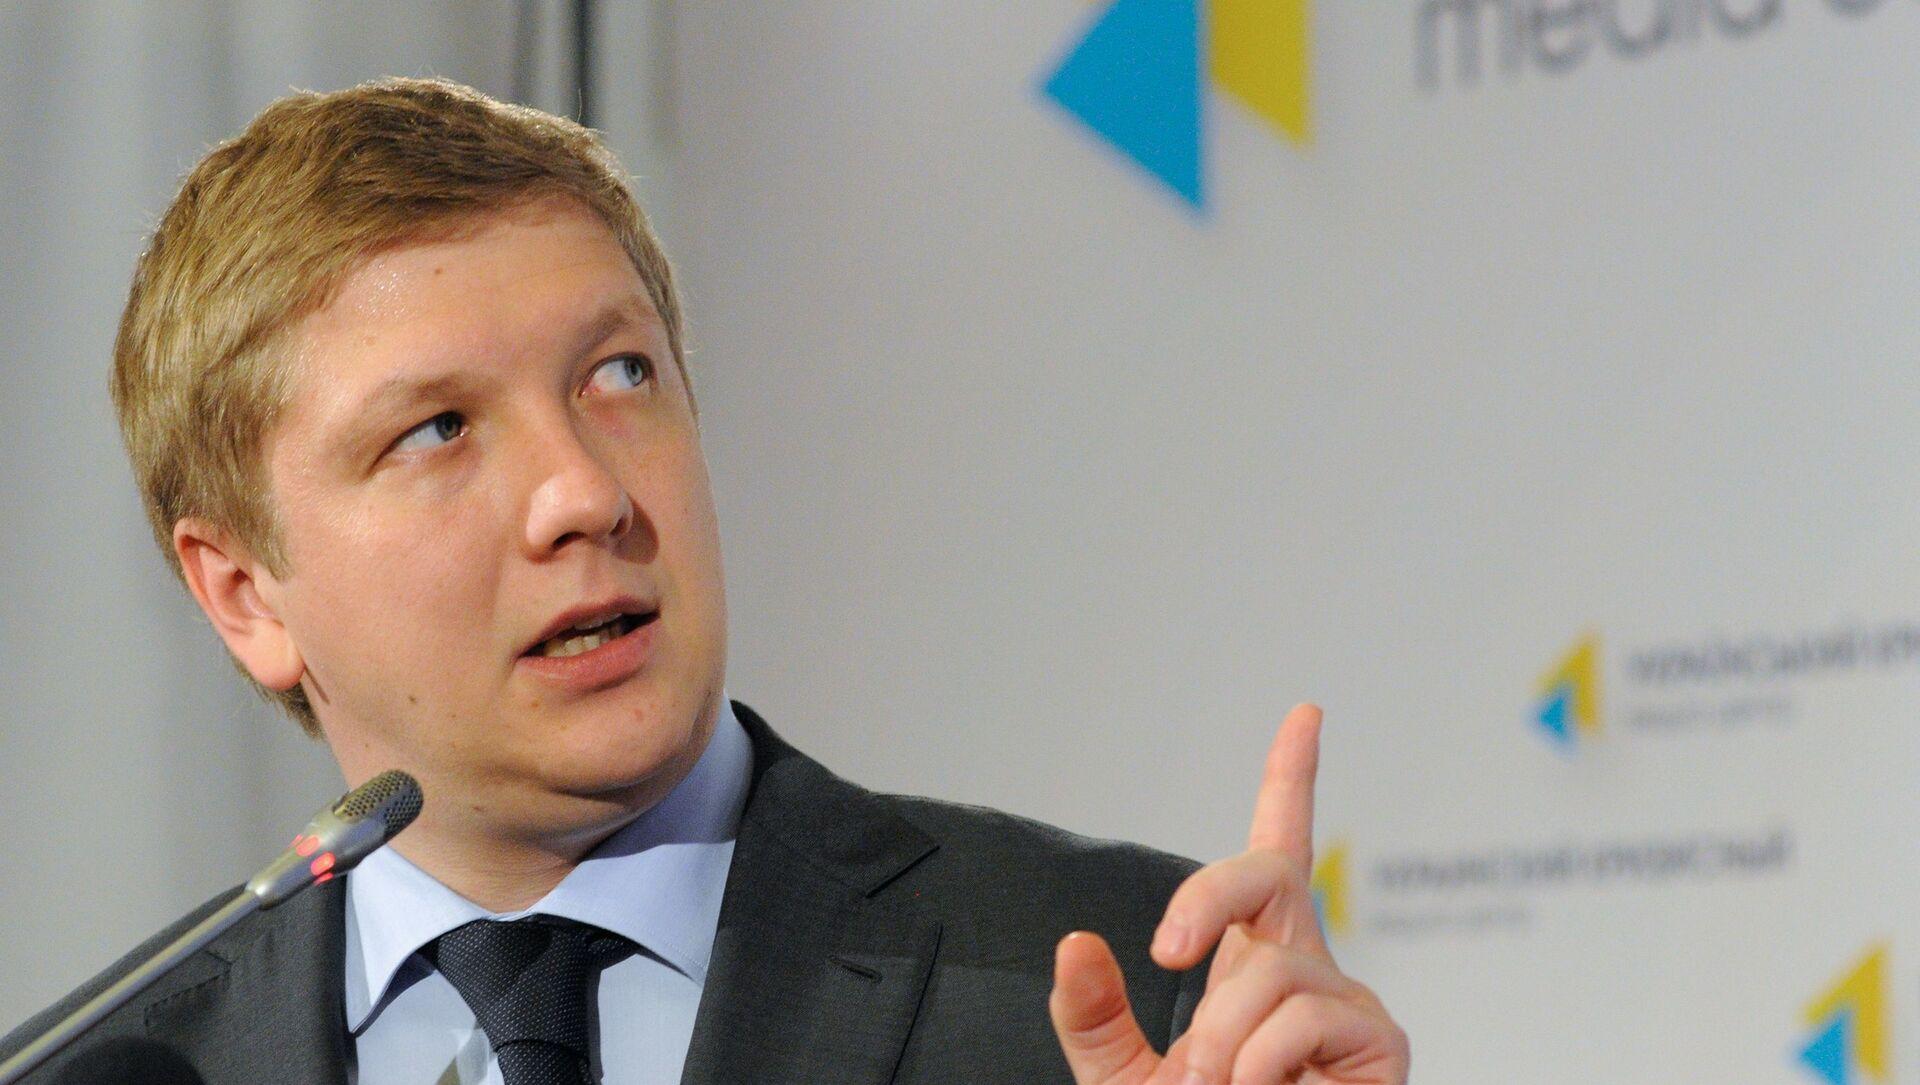 Глава НАК Нафтогаз Украины Андрей Коболев - Sputnik Latvija, 1920, 22.02.2021